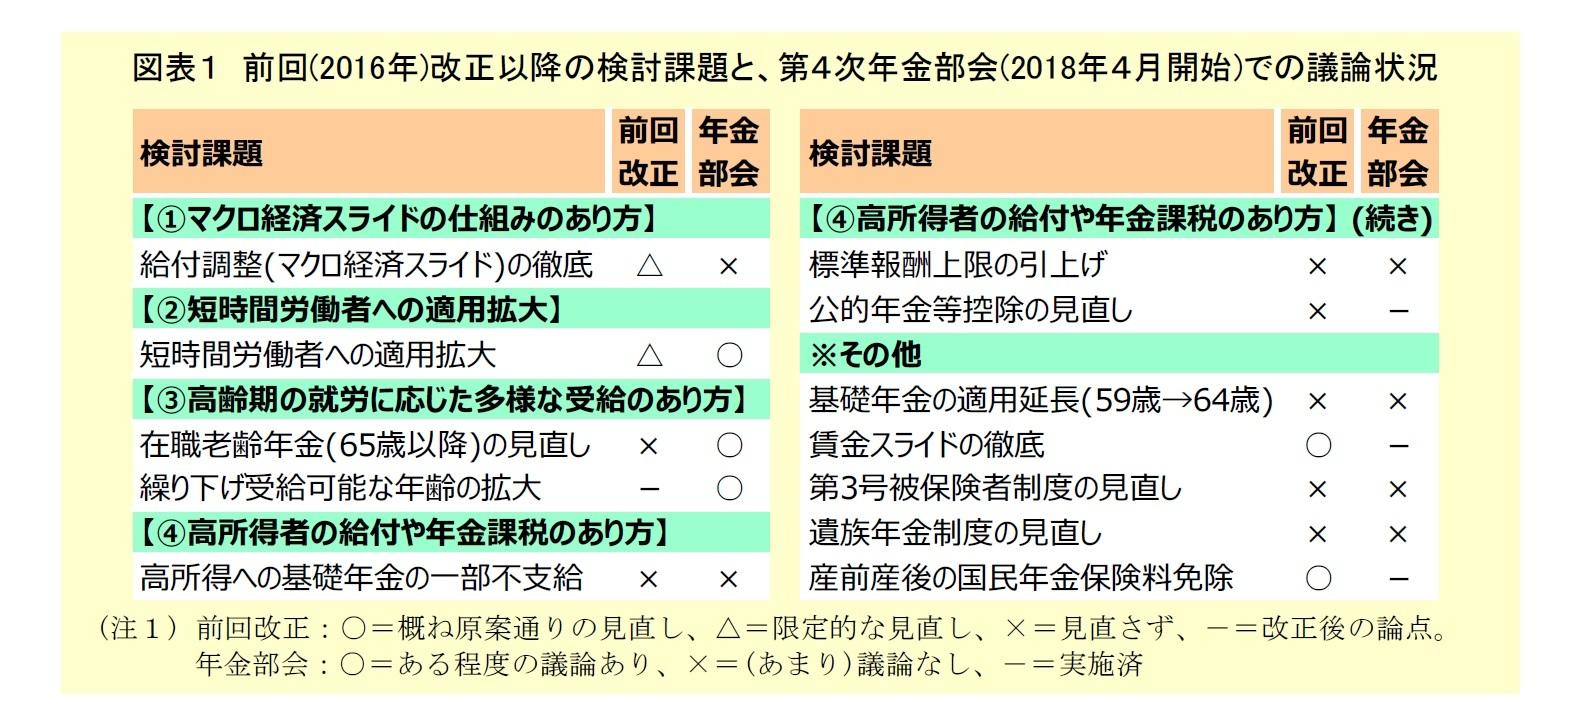 図表1:前回改正以降の検討課題と、第4次年金部会での議論状況